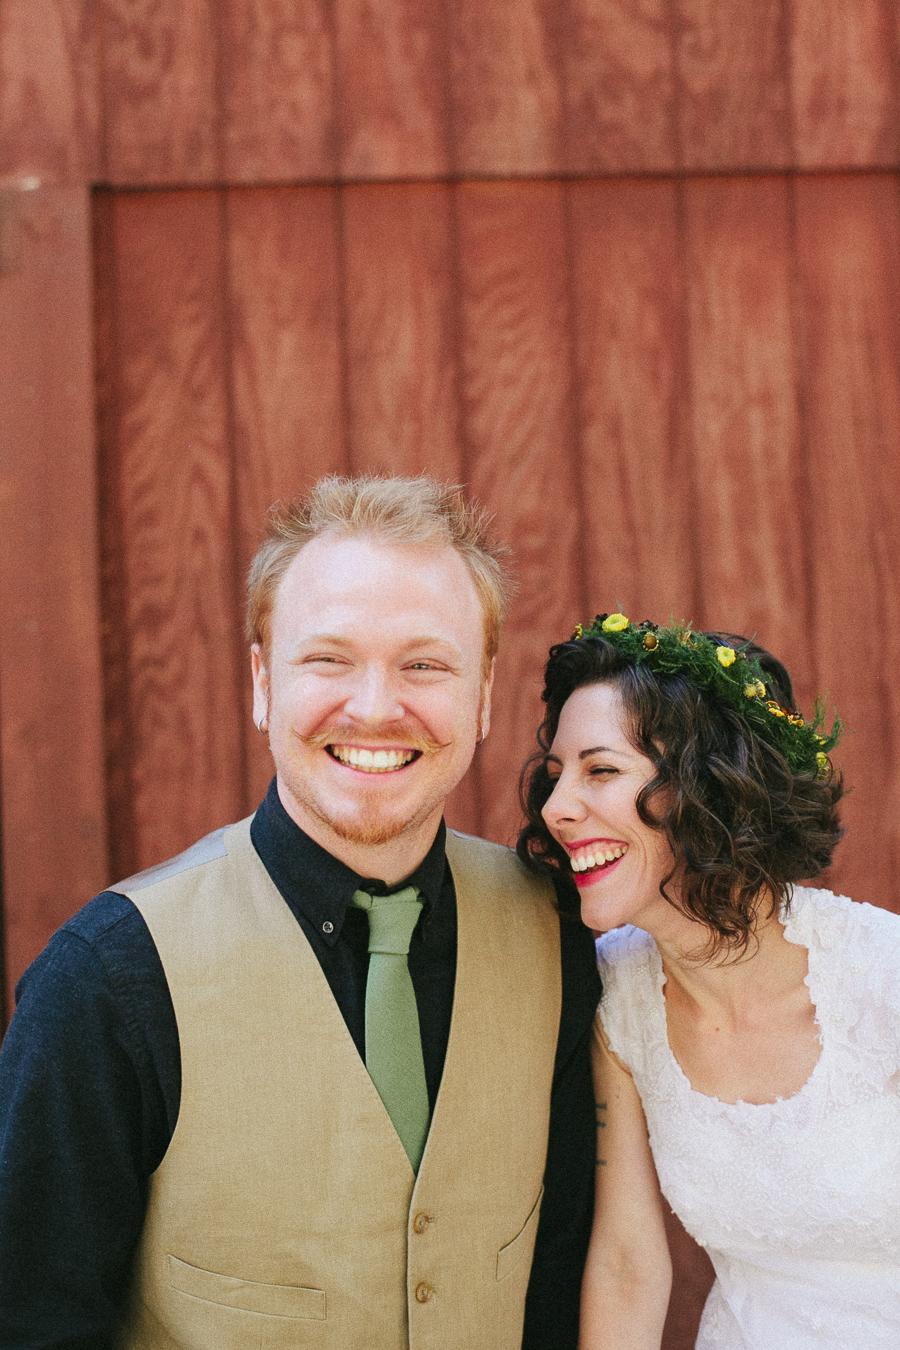 Cedar_run_wildlife_reserve_New_Jersey_documentary_wedding_photographer-67.jpg